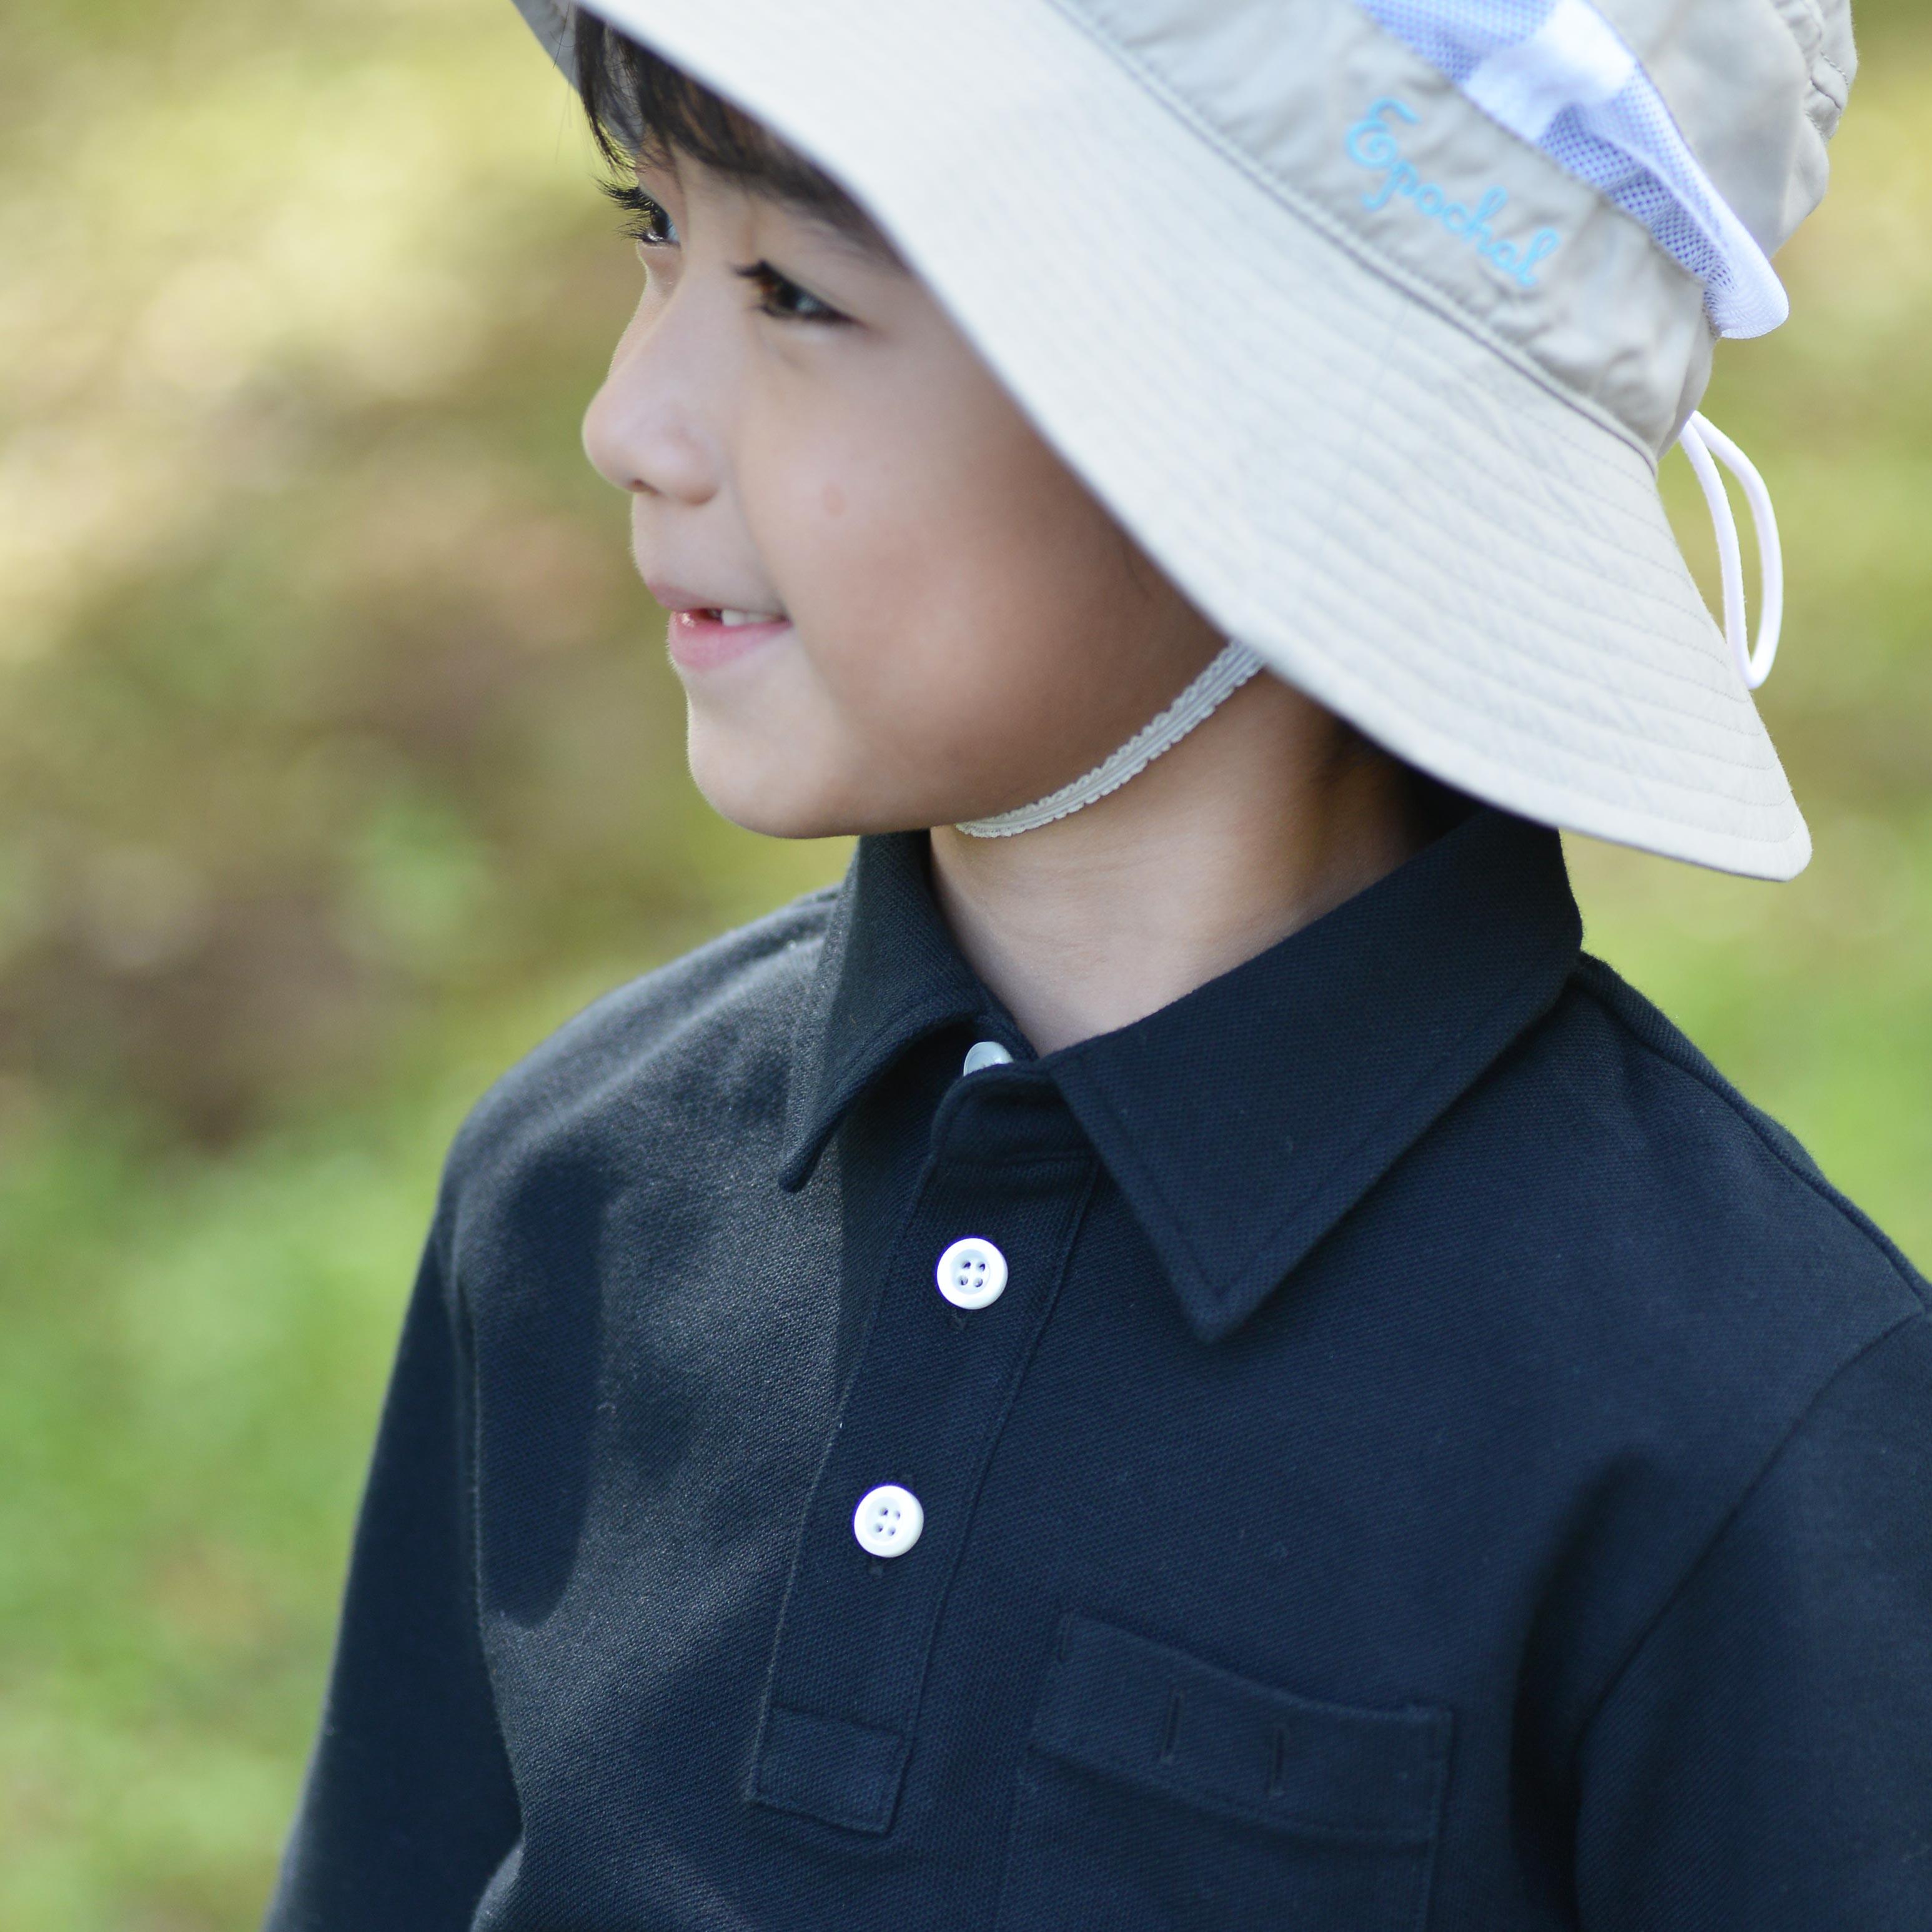 スクールポロシャツ5分袖 ブラック 子ども用 紫外線対策